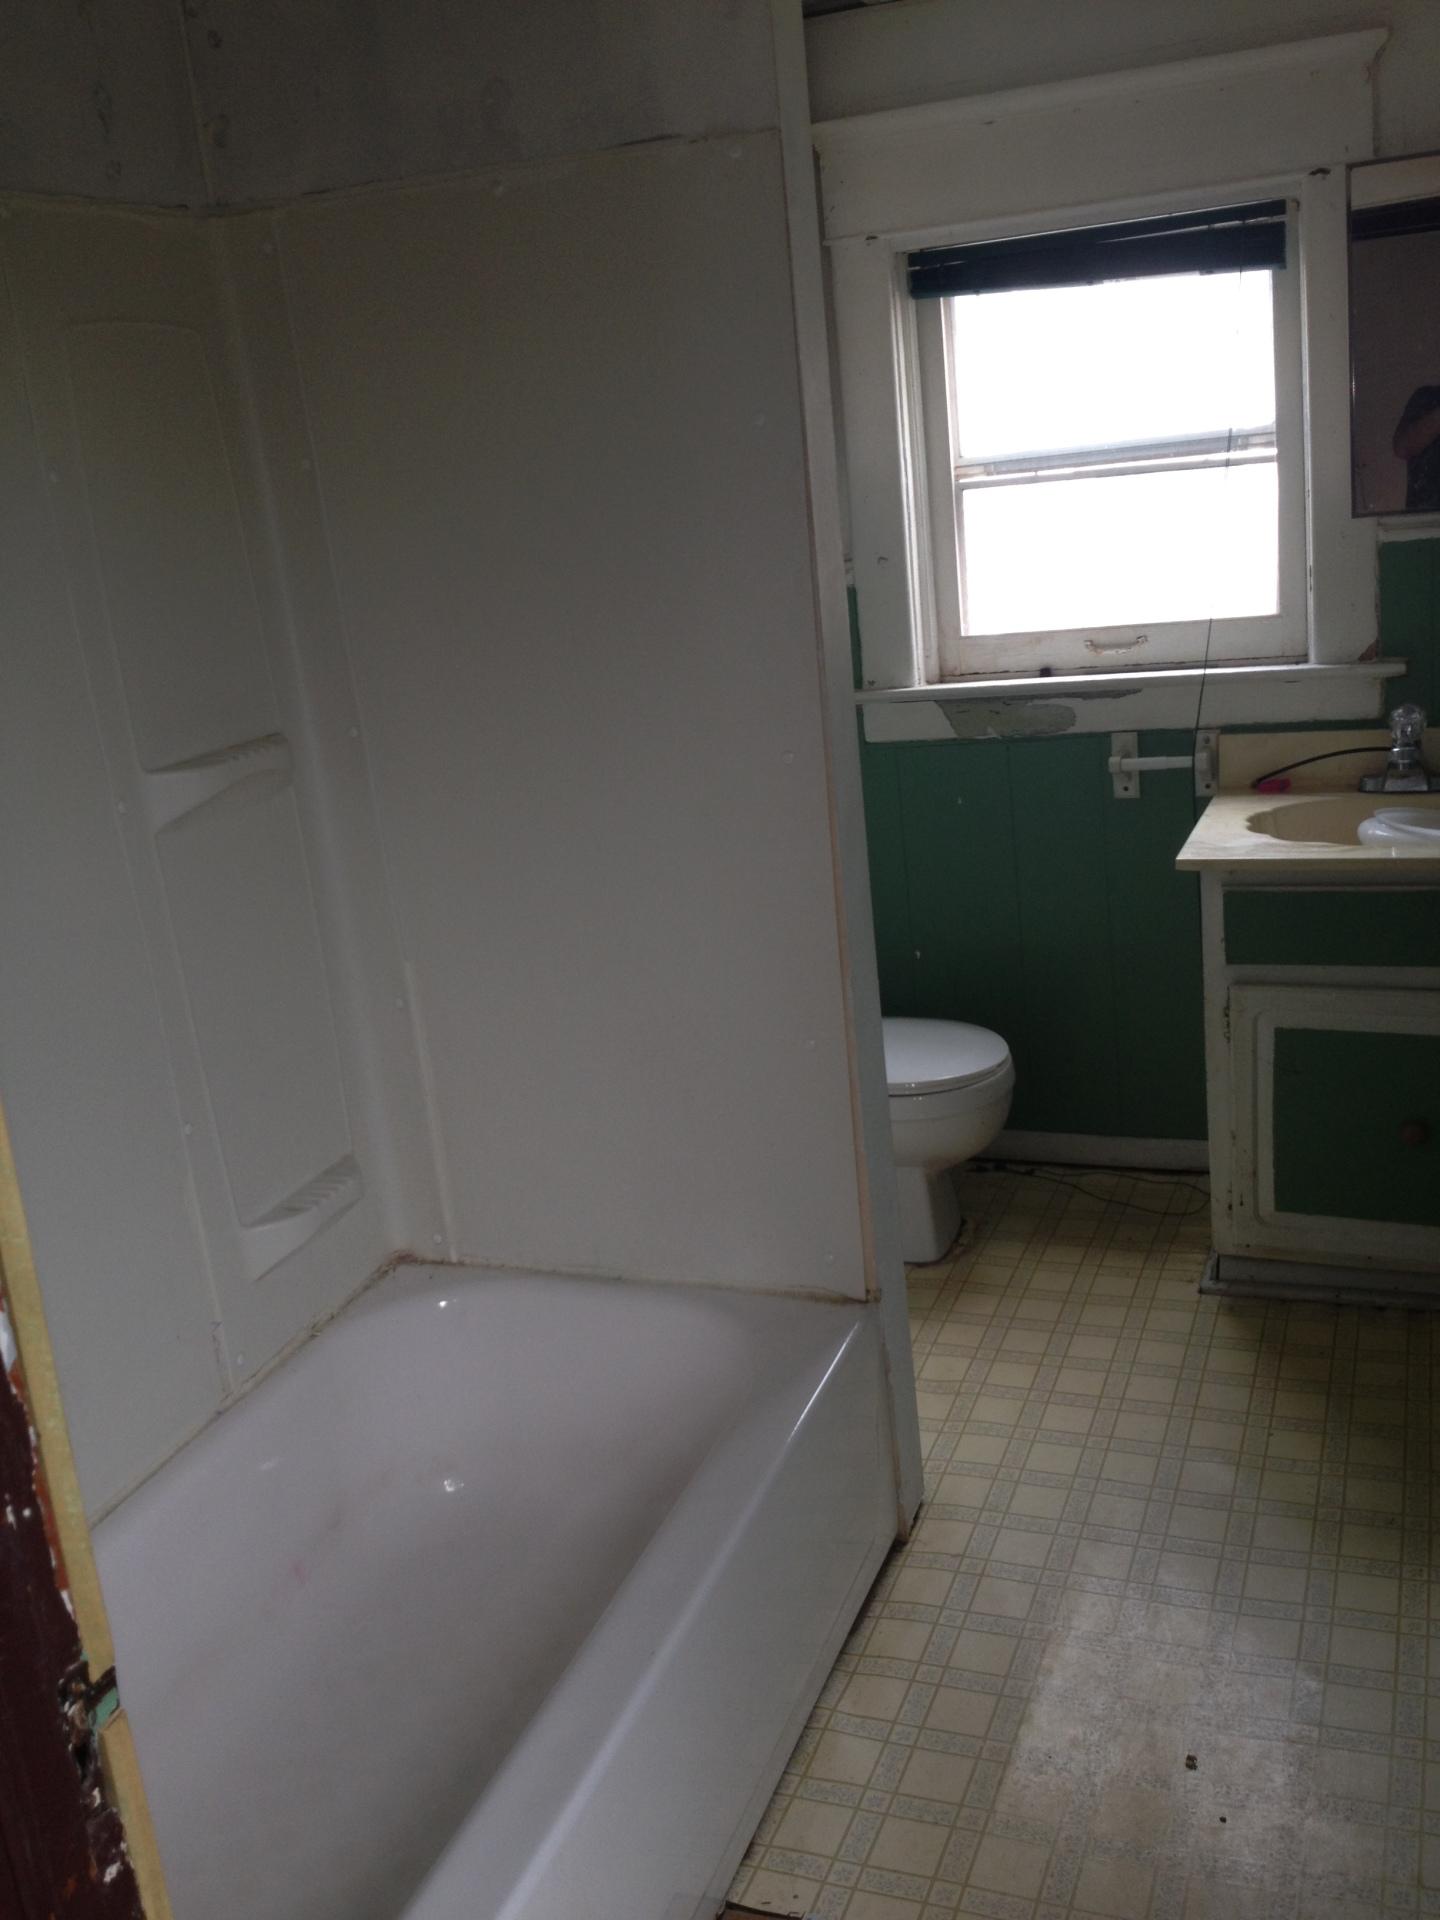 97B restroom